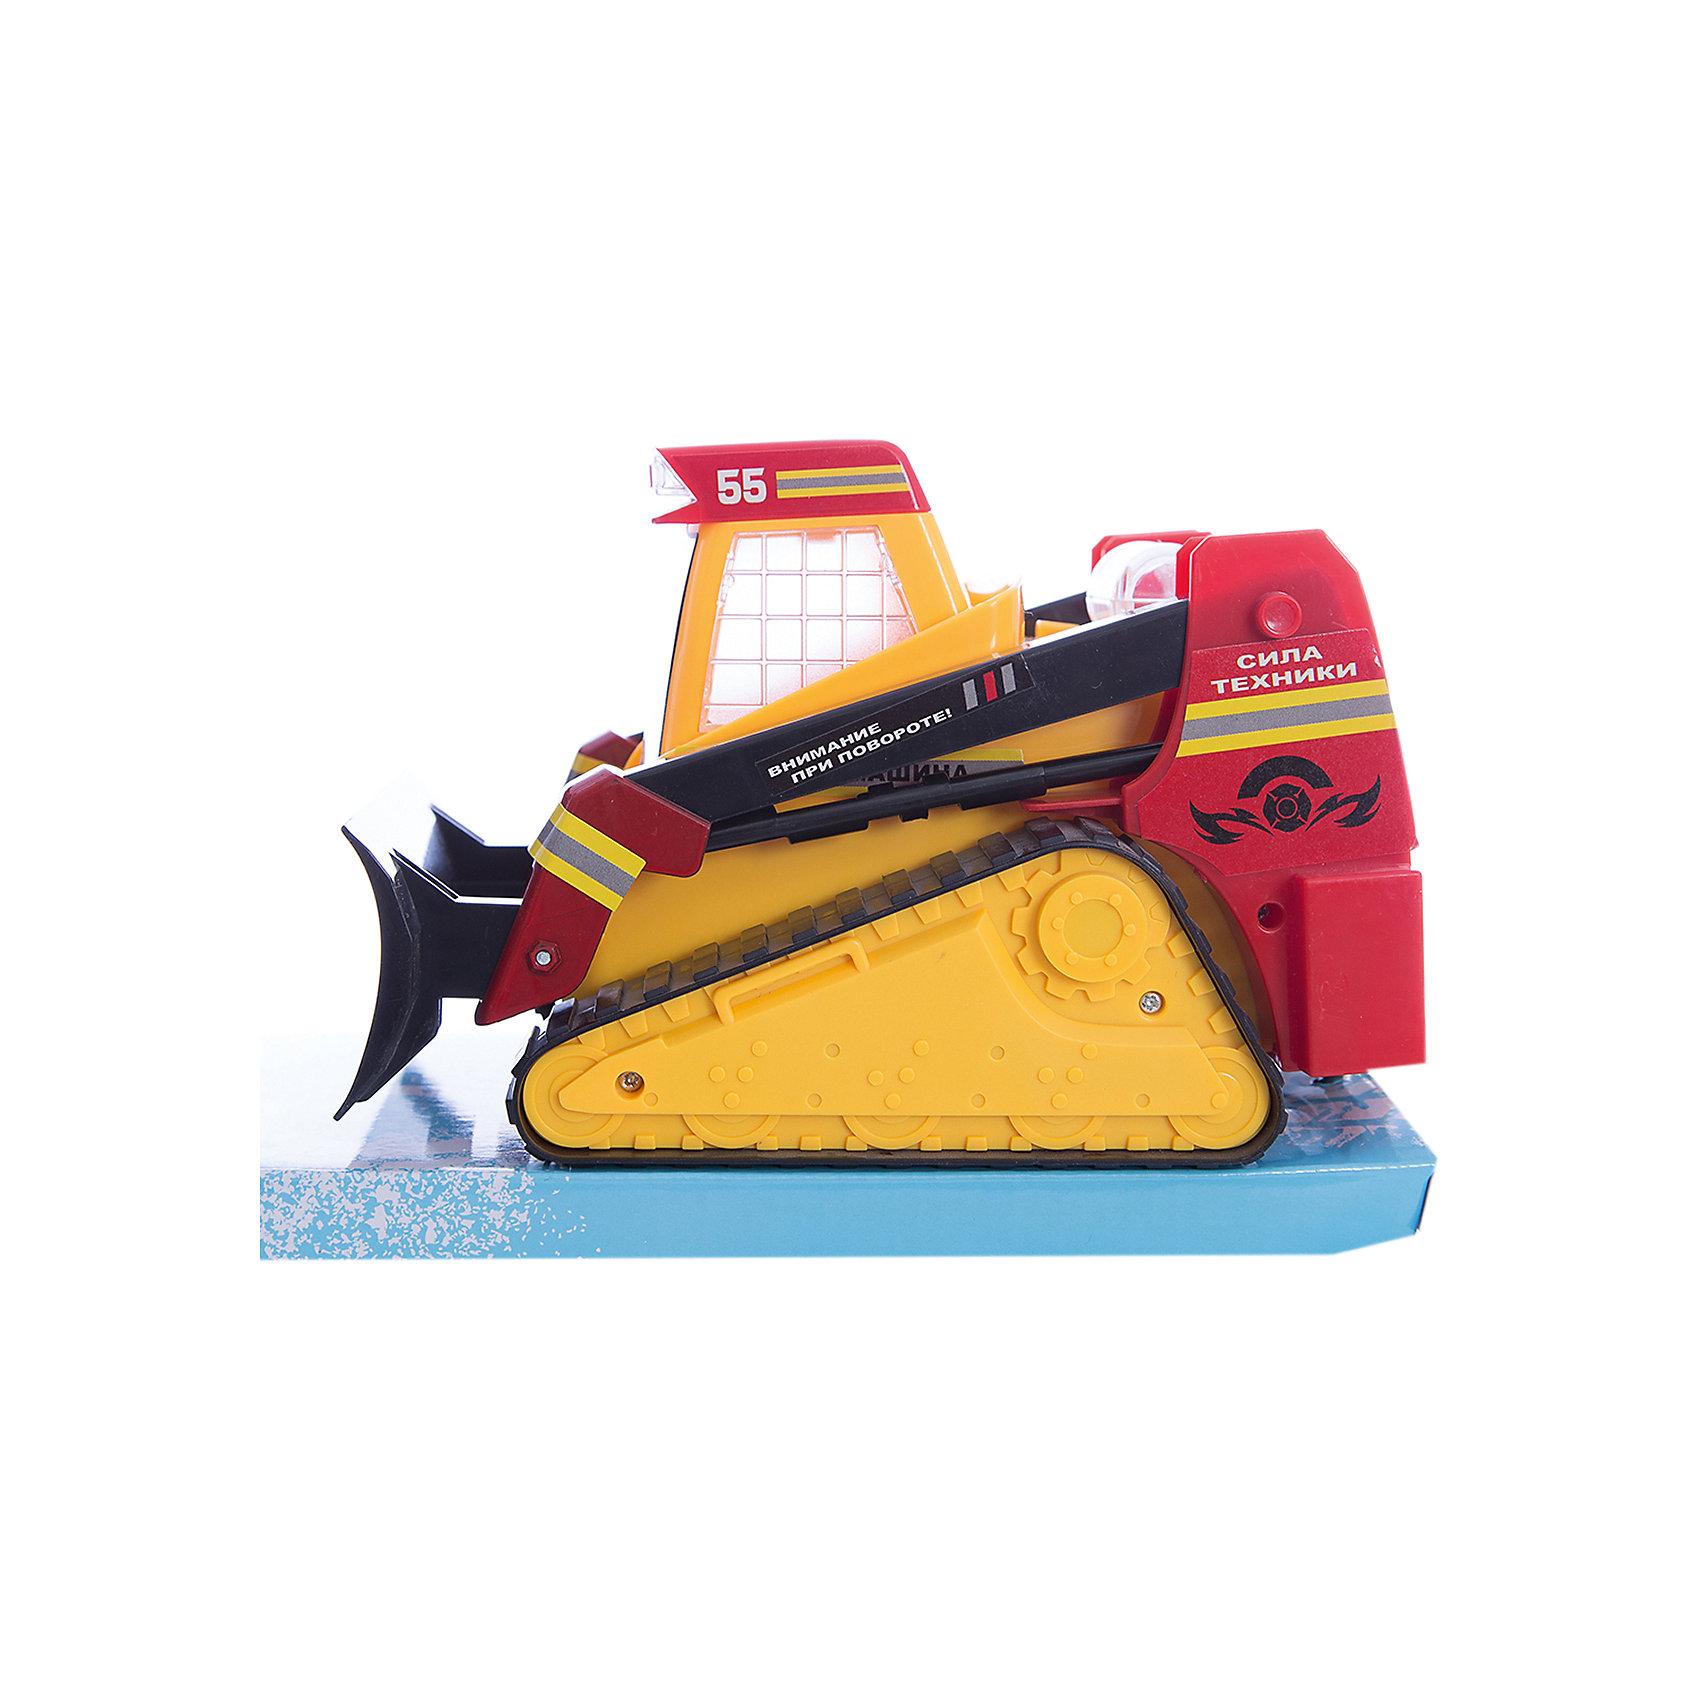 Гусеничный трактор Сила техники, со светом и звуком, ZhoryaИнтерактивные игрушки для малышей<br>Гусеничный трактор Сила техники, со светом и звуком, Zhorya<br><br>Характеристики:<br>- Материал: пластик<br>- В комплект входит: трактор<br>- Размер упаковки: 15 * 13 * 23 см.<br>- Элементы питания: батарейки АА, 3 шт.(в комплекте отсутствуют)<br>- Вес: 700 гр.<br>Гусеничный трактор от китайского бренда игрушек для детей Zhorya (Джоя) станет отличным сюрпризом для маленьких любителей автомобилей и техники. Трактор станет отличным дополнением в автомобильной коллекции и среди любимой строительной техники. Игрушка оснащена техникой произвольного движения и делает трактор еще более правдоподобным. Также трактор подсвечивается и поет песенки на русском языке. Серия «Сила техники» - соберите свою коллекцию техники и создайте свой город. Игрушка развивает моторику рук и воображение.<br>Гусеничный трактор Сила техники, со светом и звуком, Zhorya (Джоя) можно купить в нашем интернет-магазине.<br>Подробнее:<br>• Для детей в возрасте: от 3 до 6 лет <br>• Номер товара: 4767386<br>Страна производитель: Китай<br><br>Ширина мм: 230<br>Глубина мм: 150<br>Высота мм: 130<br>Вес г: 523<br>Возраст от месяцев: 36<br>Возраст до месяцев: 72<br>Пол: Мужской<br>Возраст: Детский<br>SKU: 4767386